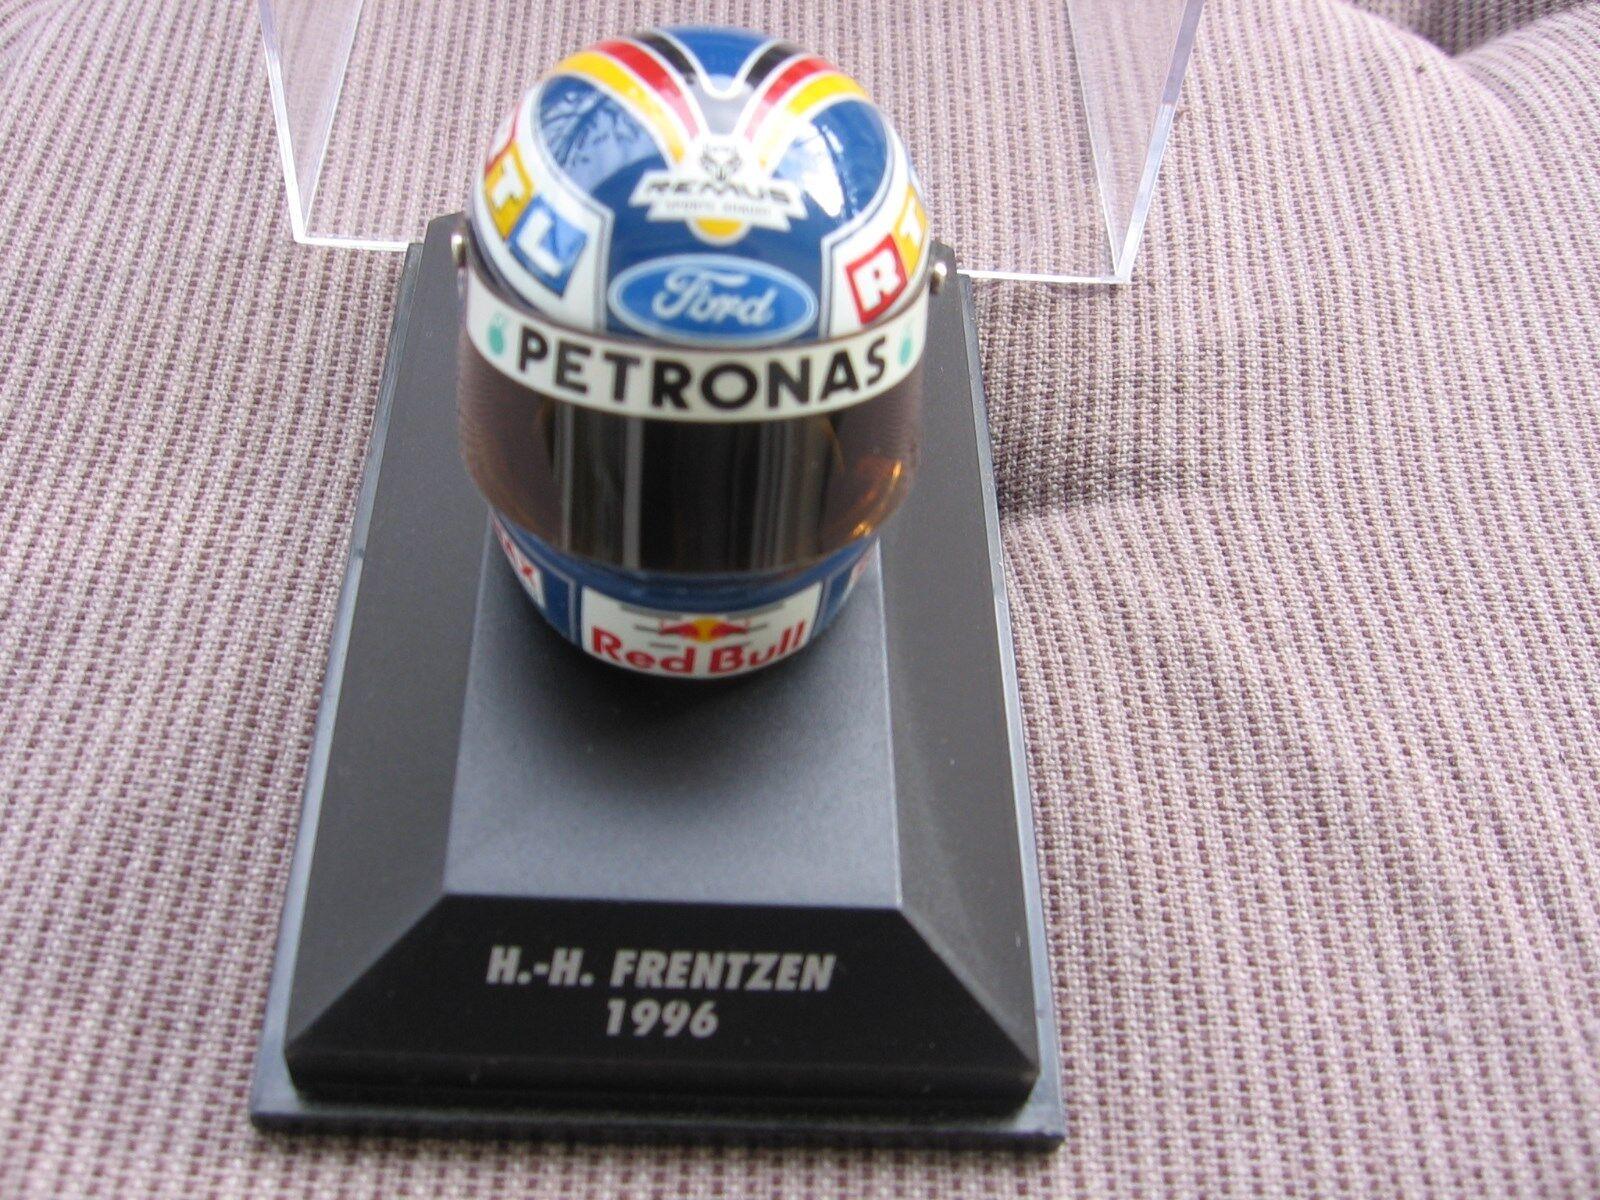 H.h. frentzen f1 f1 f1 limpio ford rojo bull 1996 1 8 Helmet Minichamps New  ffc34a